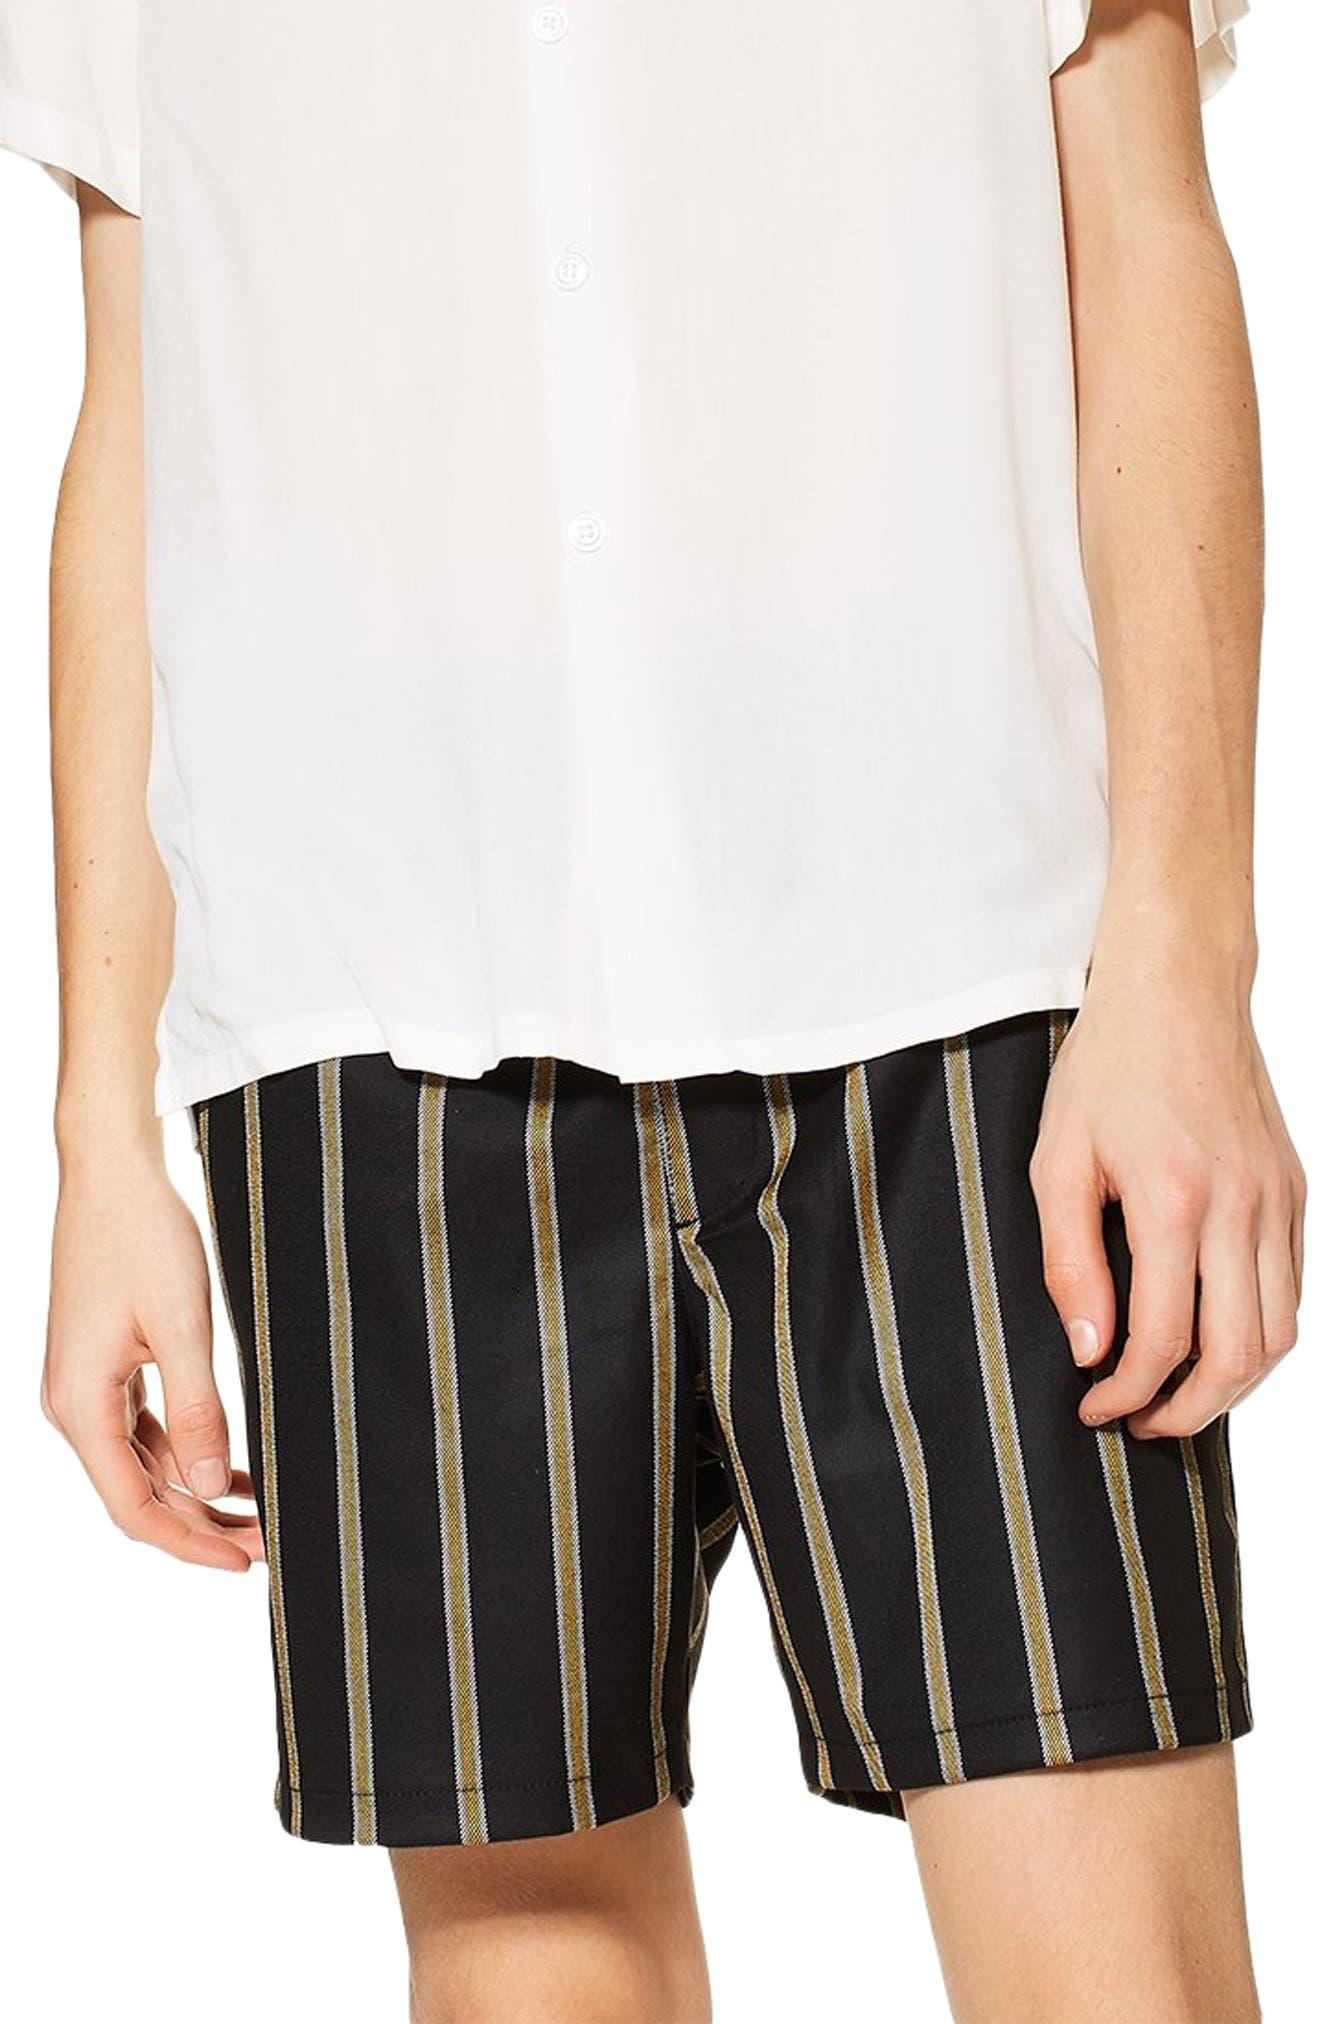 Striped Swim Shorts,                             Main thumbnail 1, color,                             BLACK MULTI